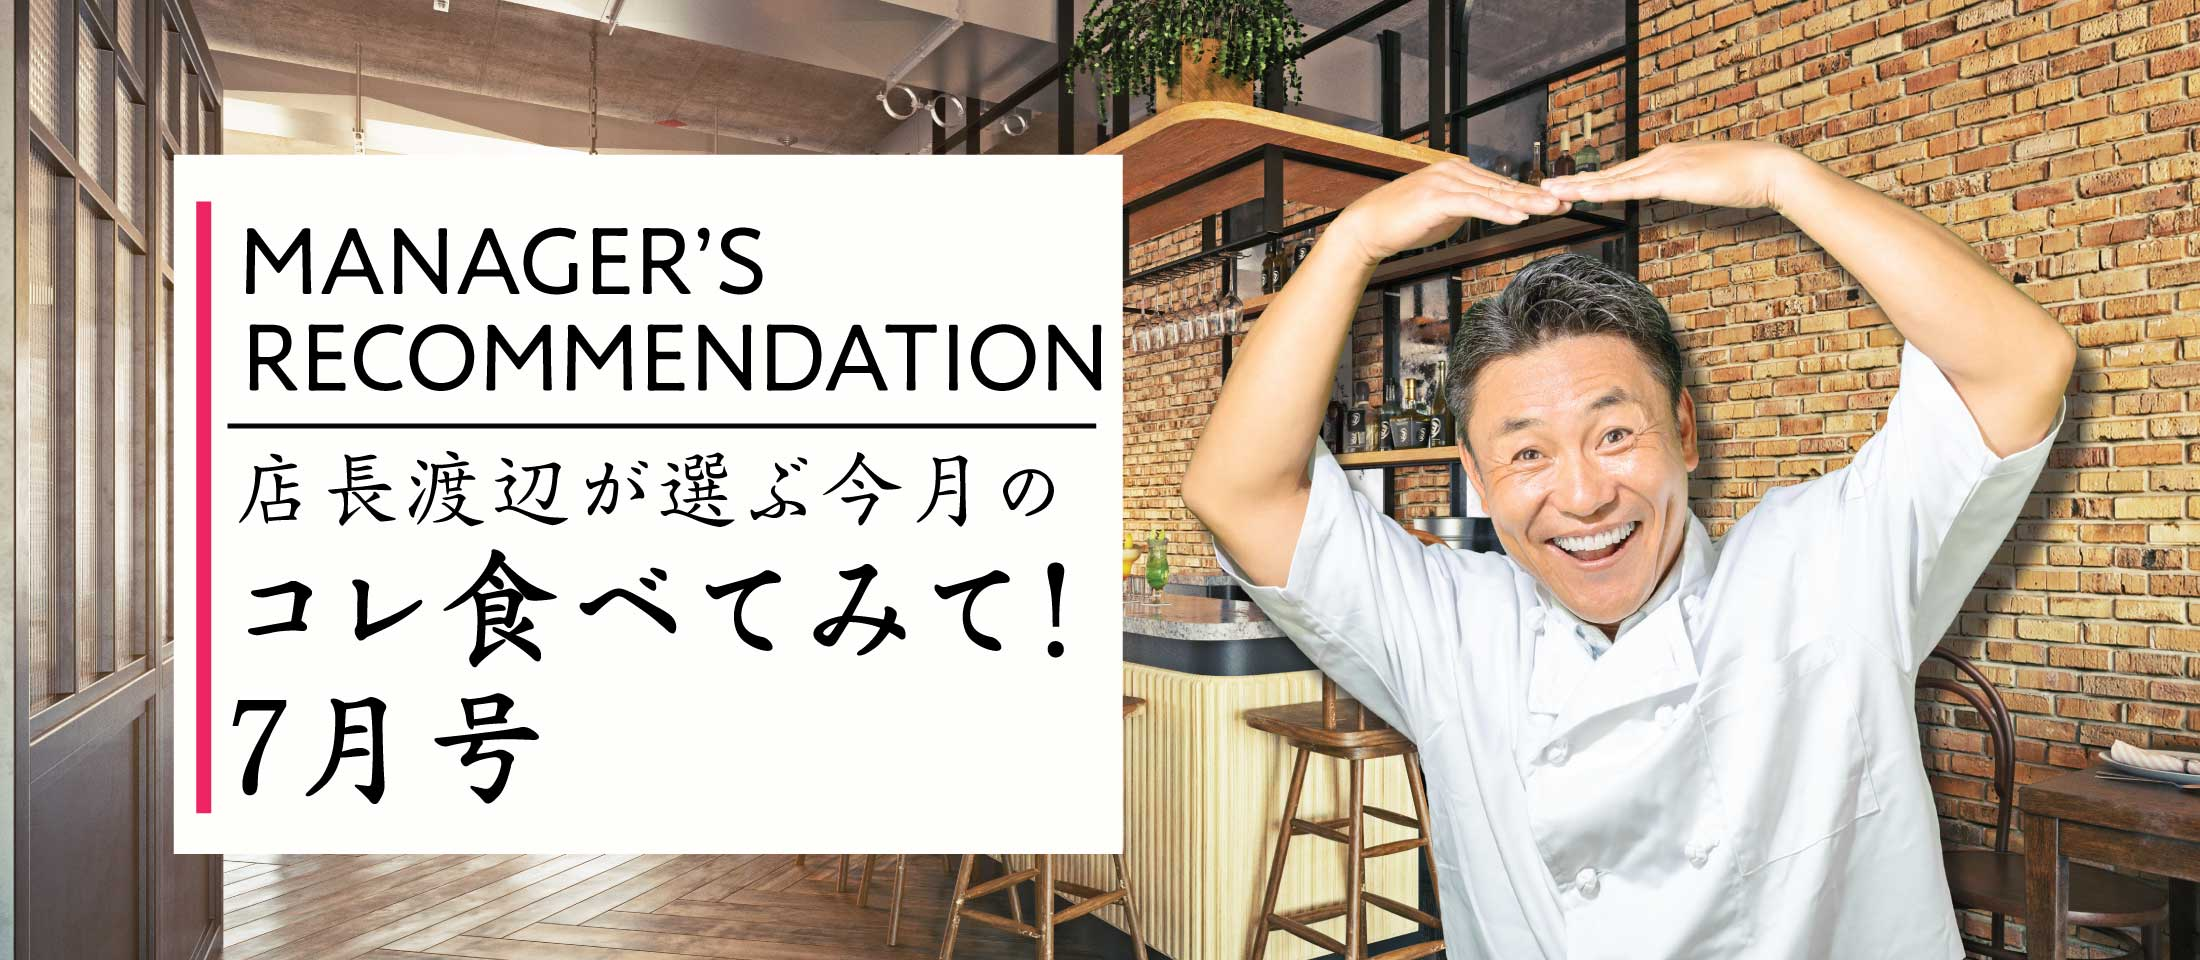 店長渡辺が選ぶ今月のコレ食べてみて!7月号 業務用食品・冷凍食品通販 ナカヤマフーズオンライン